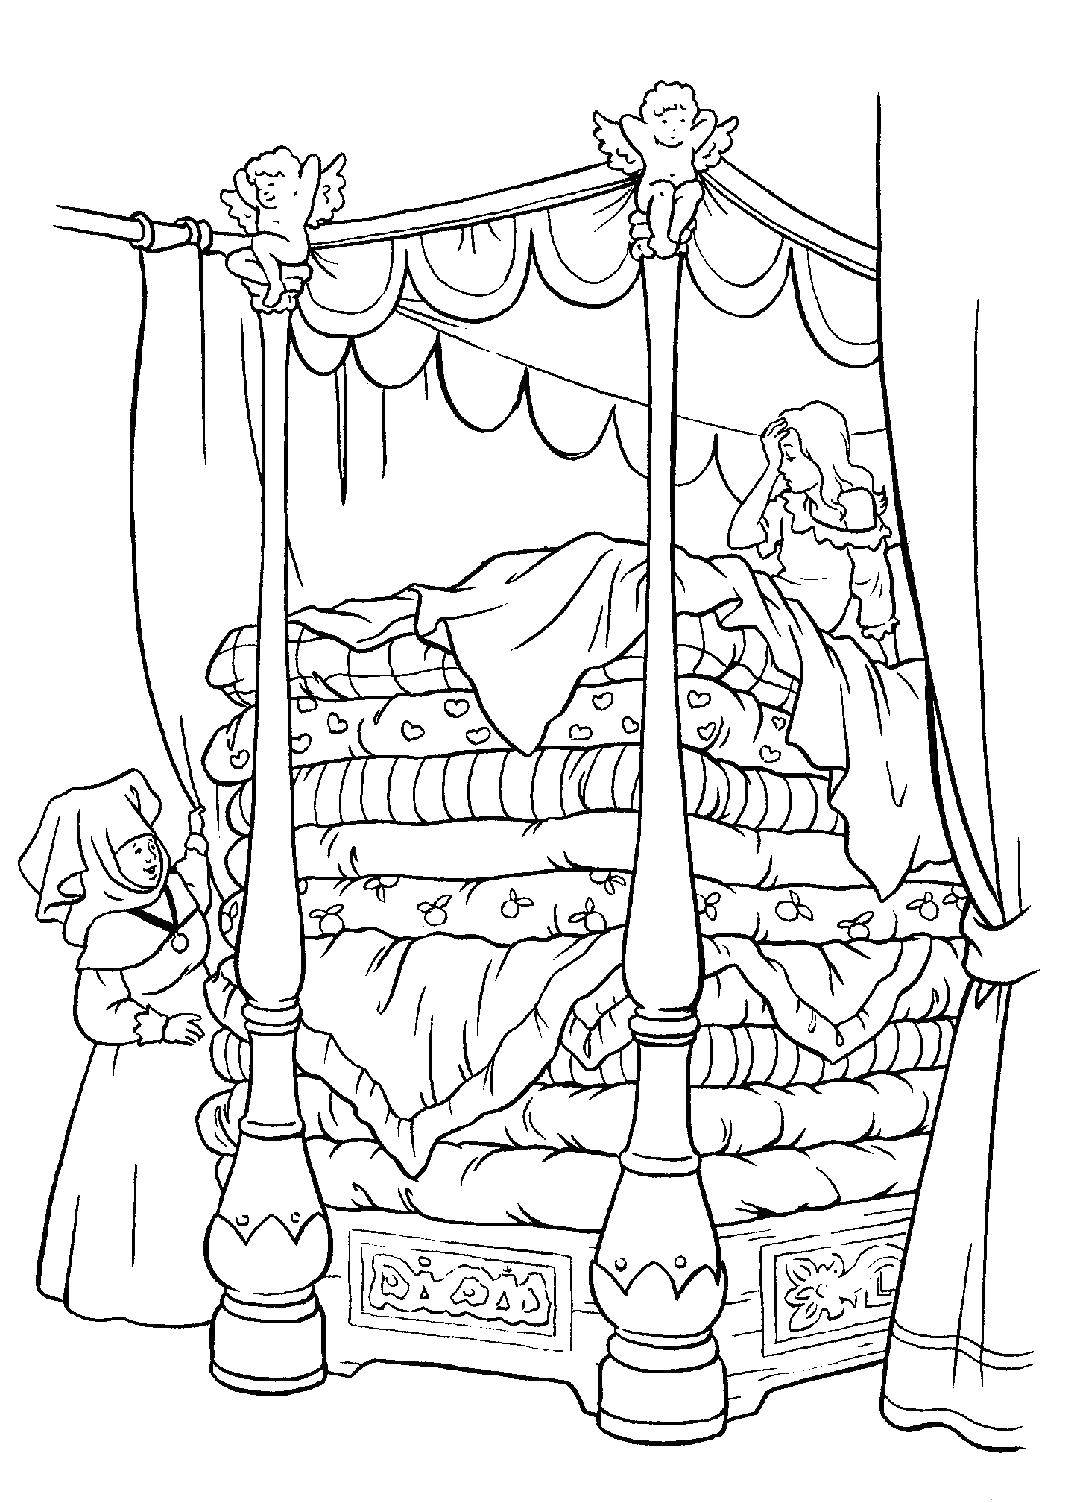 Раскраска Принцесса на горошине Скачать Персонаж из мультфильма, Принцесса на горошине.  Распечатать ,Принцессы,